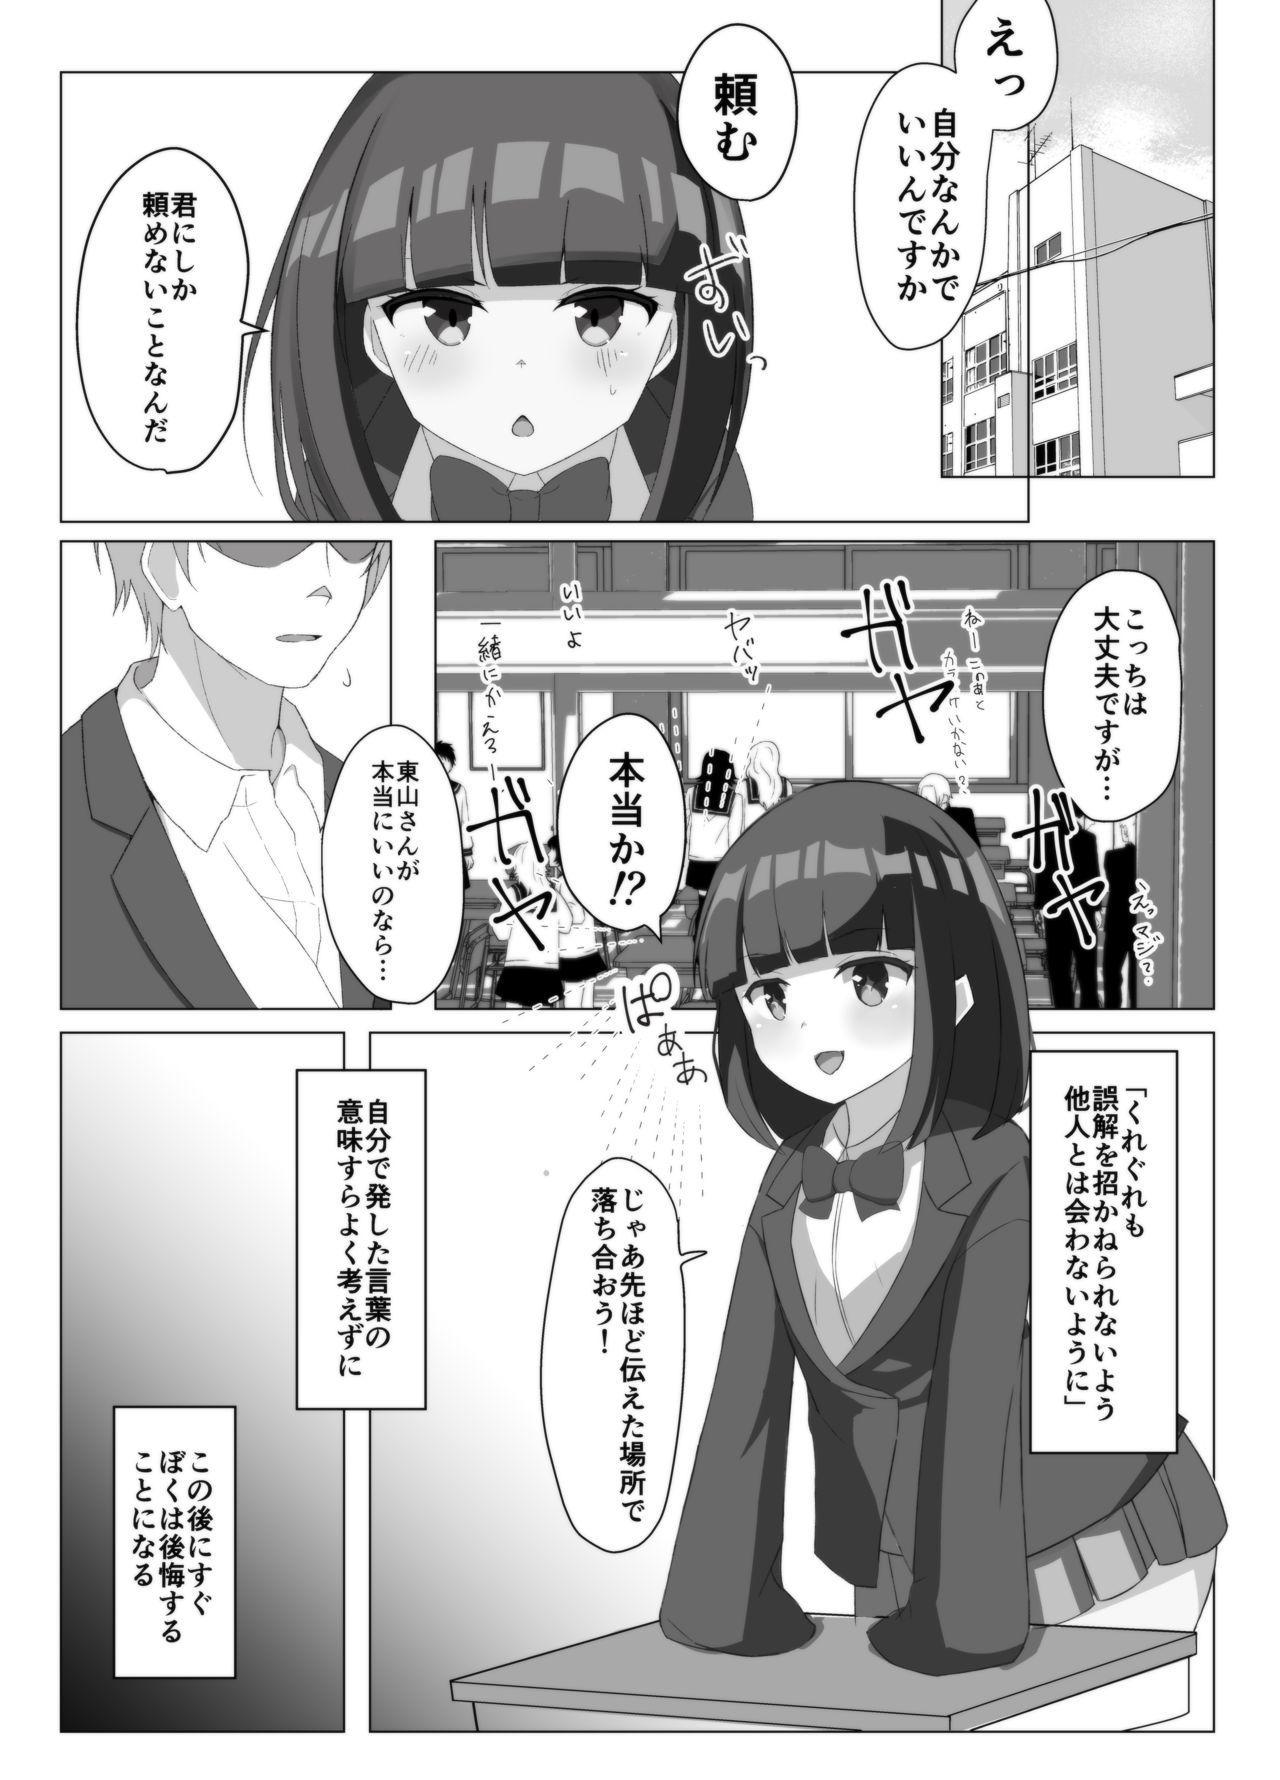 Akisa-chan's Laboratory 1